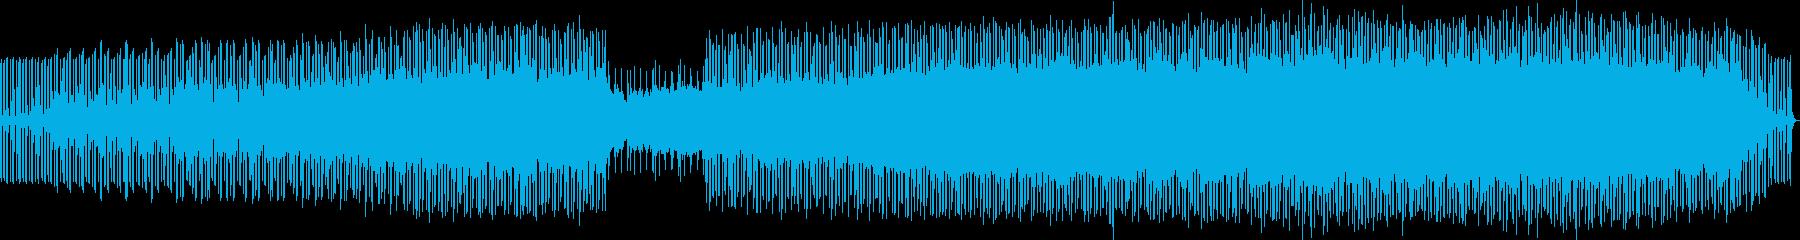 陽気でハッピーなミドルテンポのEDMの再生済みの波形